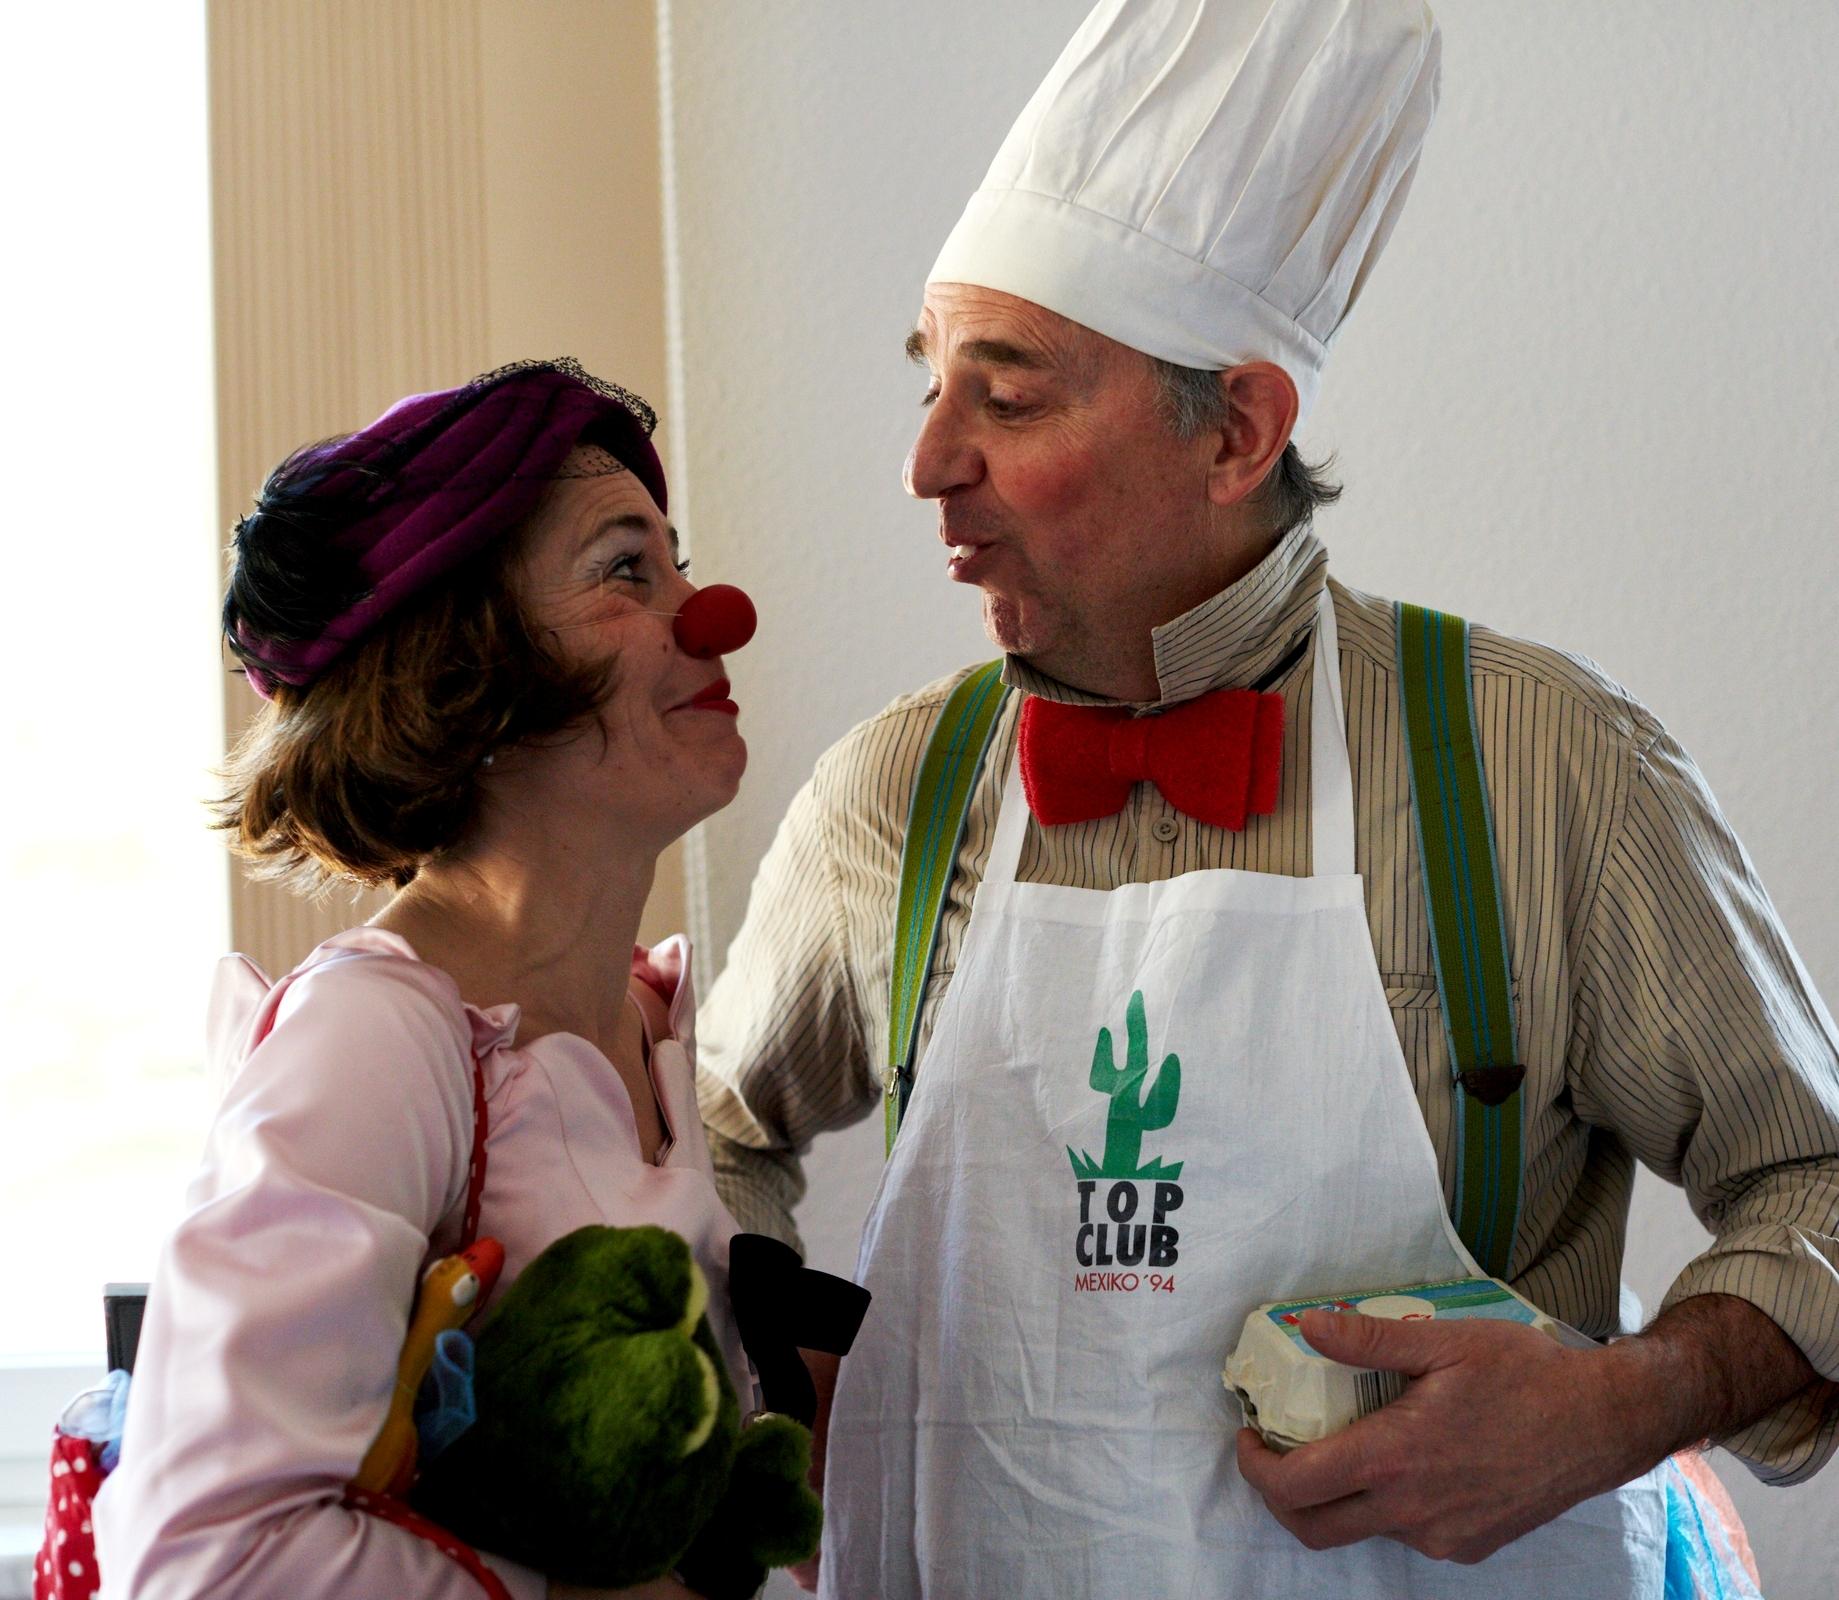 20.2.2015, Niederlehme. Performance der Clowns Sybille Uge und Paul Kustermann der ROTEN NASEN im Seniorenheim Niederlehme.